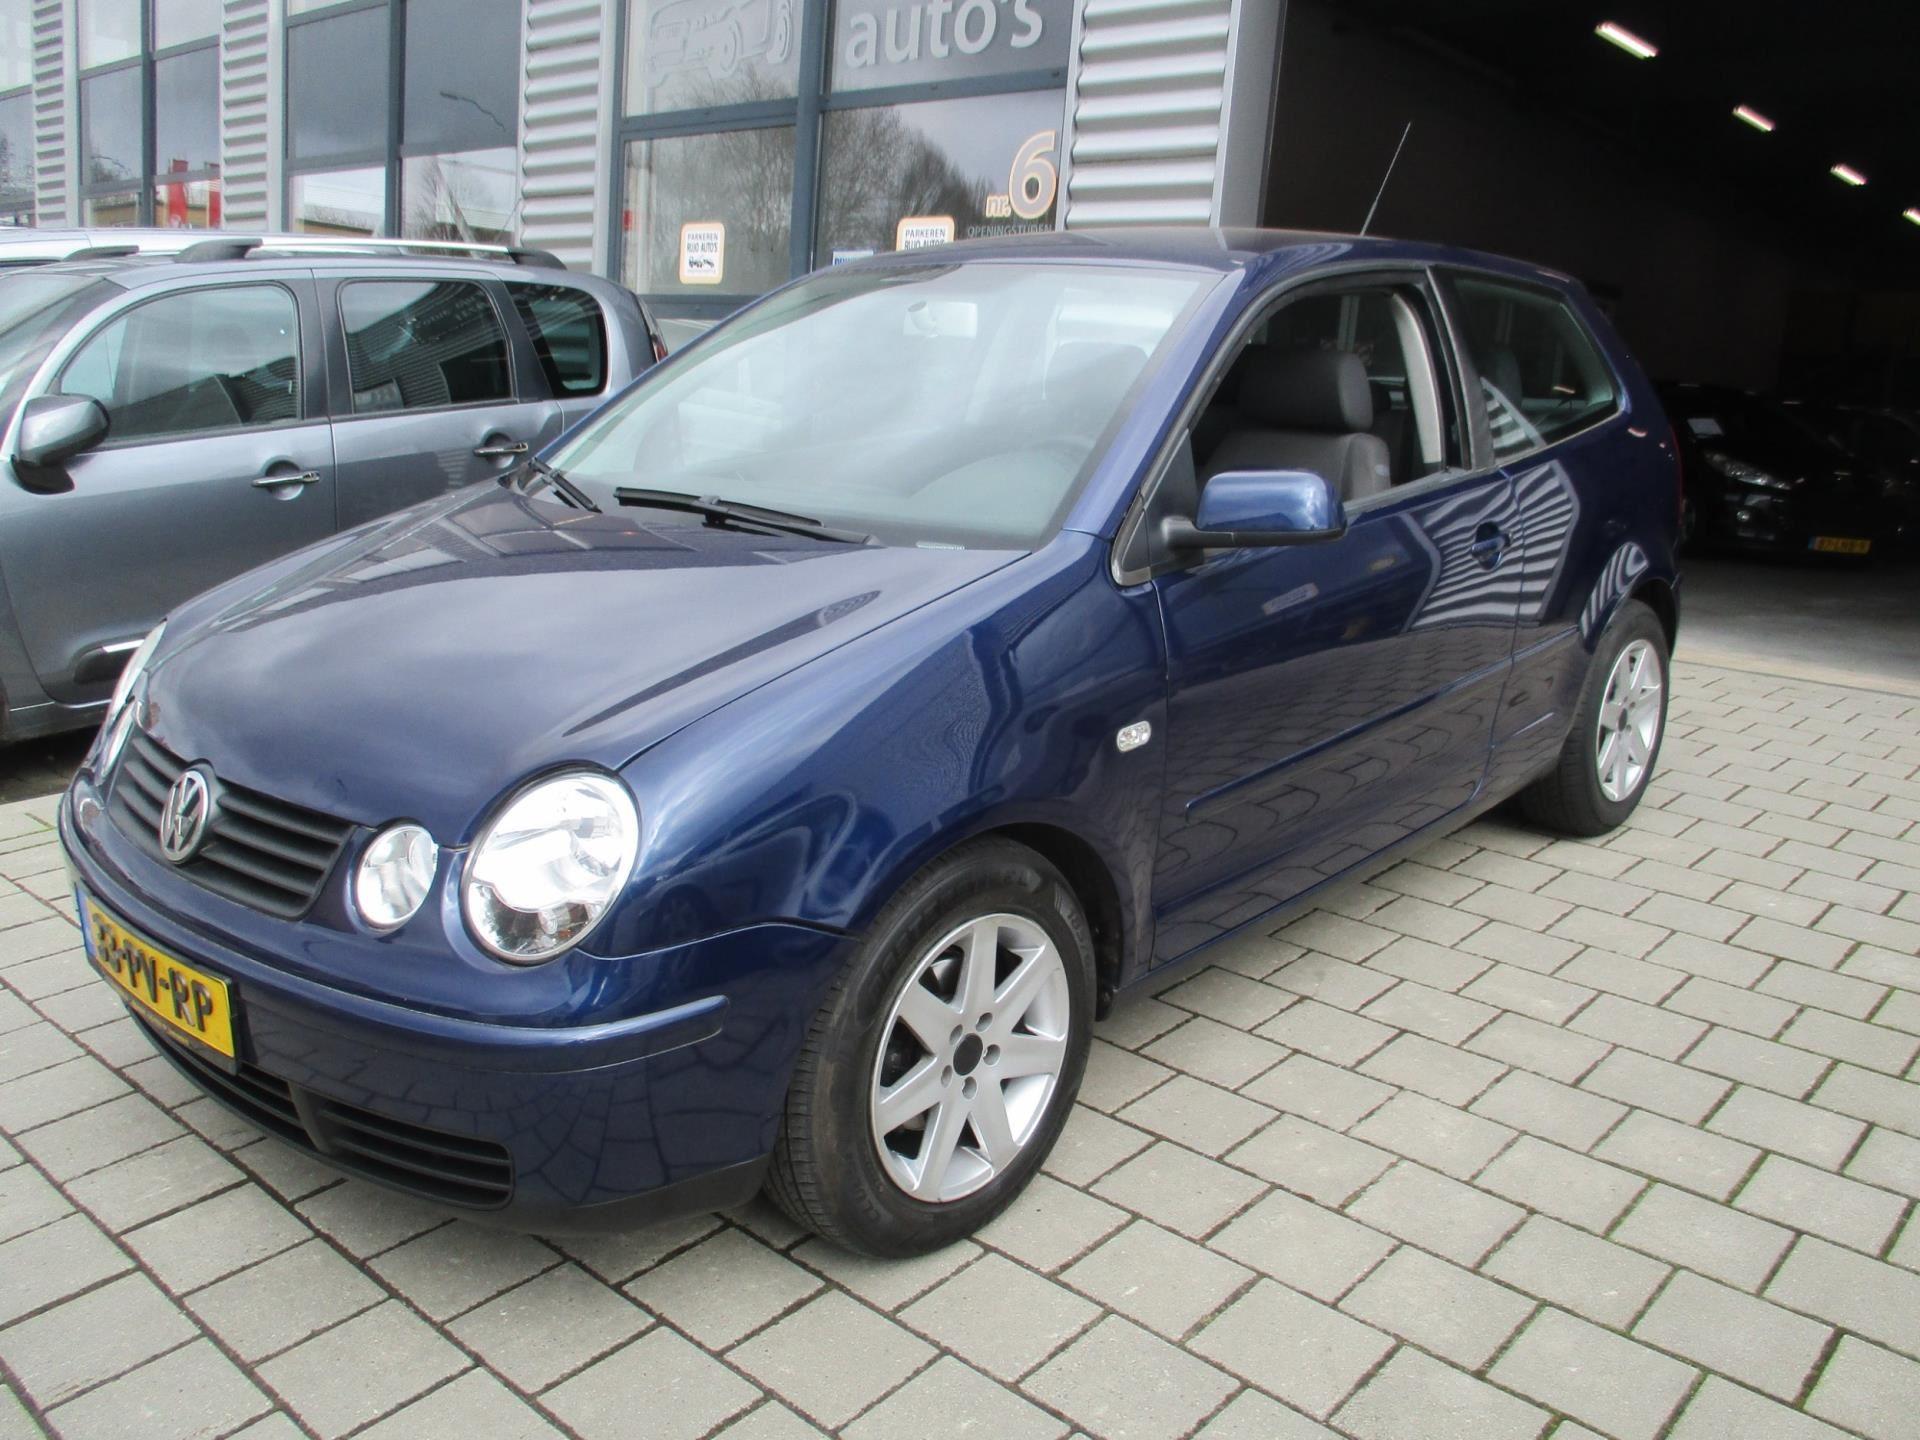 Volkswagen Polo occasion - Rujo Auto's